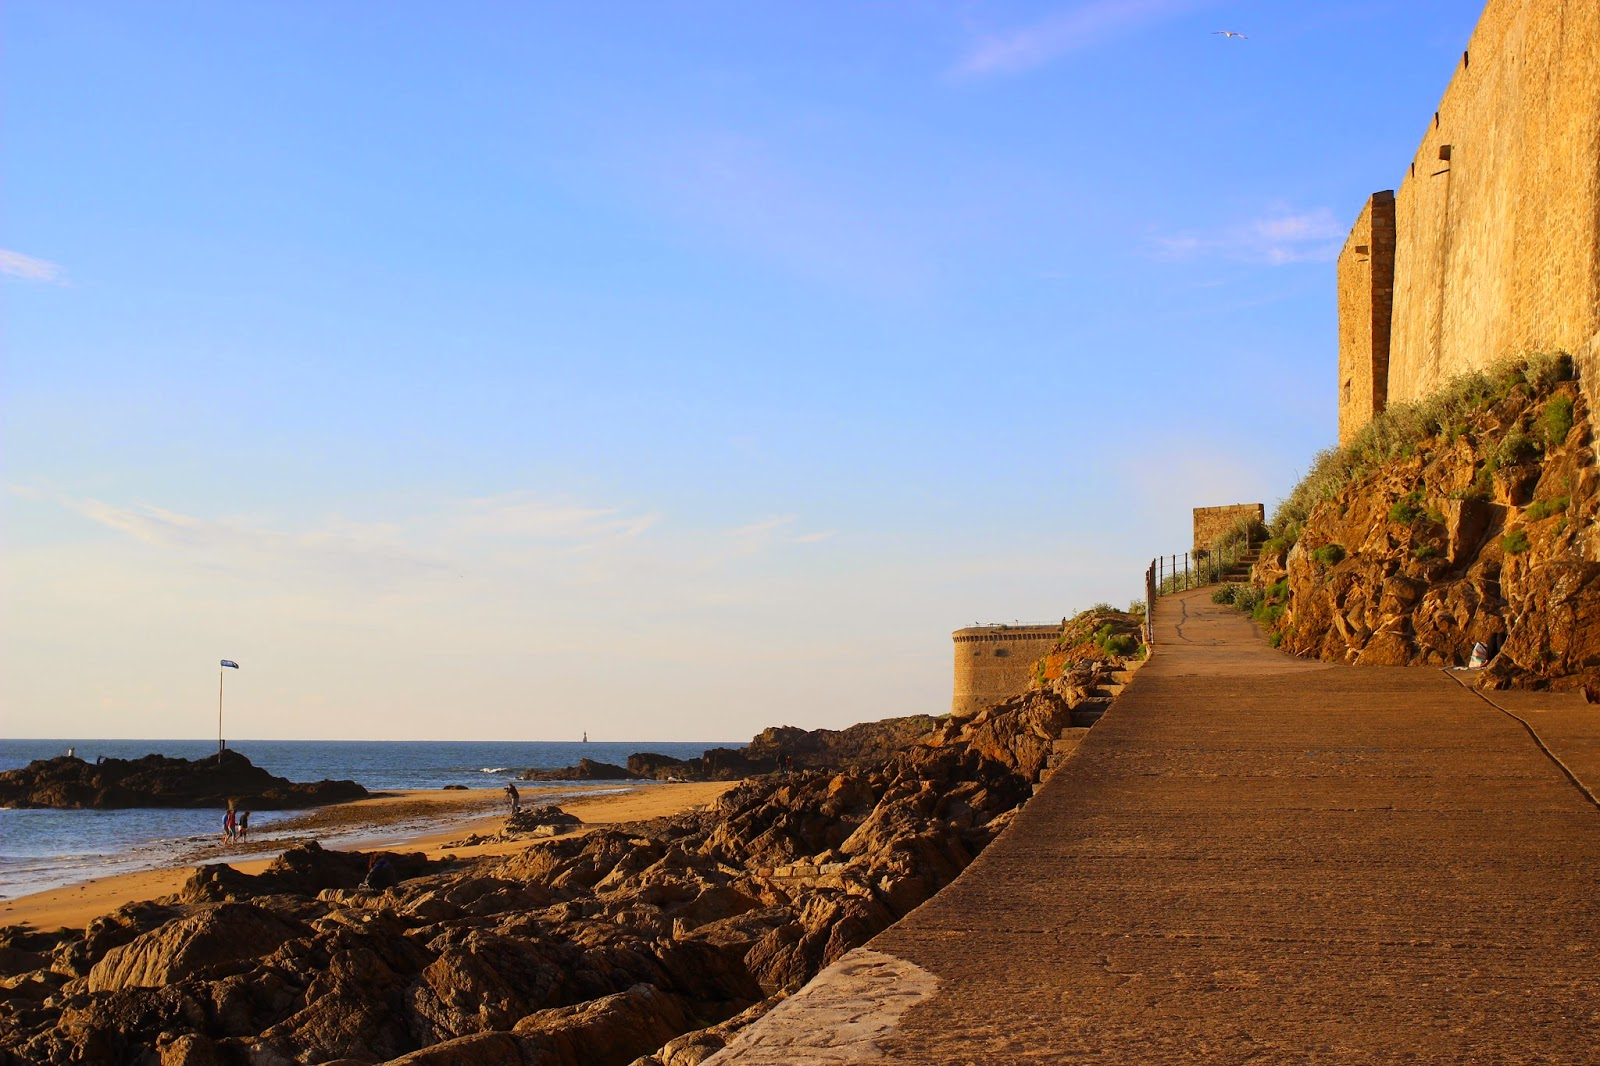 Le Chameau Bleu - Blog Voyage Saint Malo France - Balade au pied des remparts - Plage saint Malo - Bretagne - France